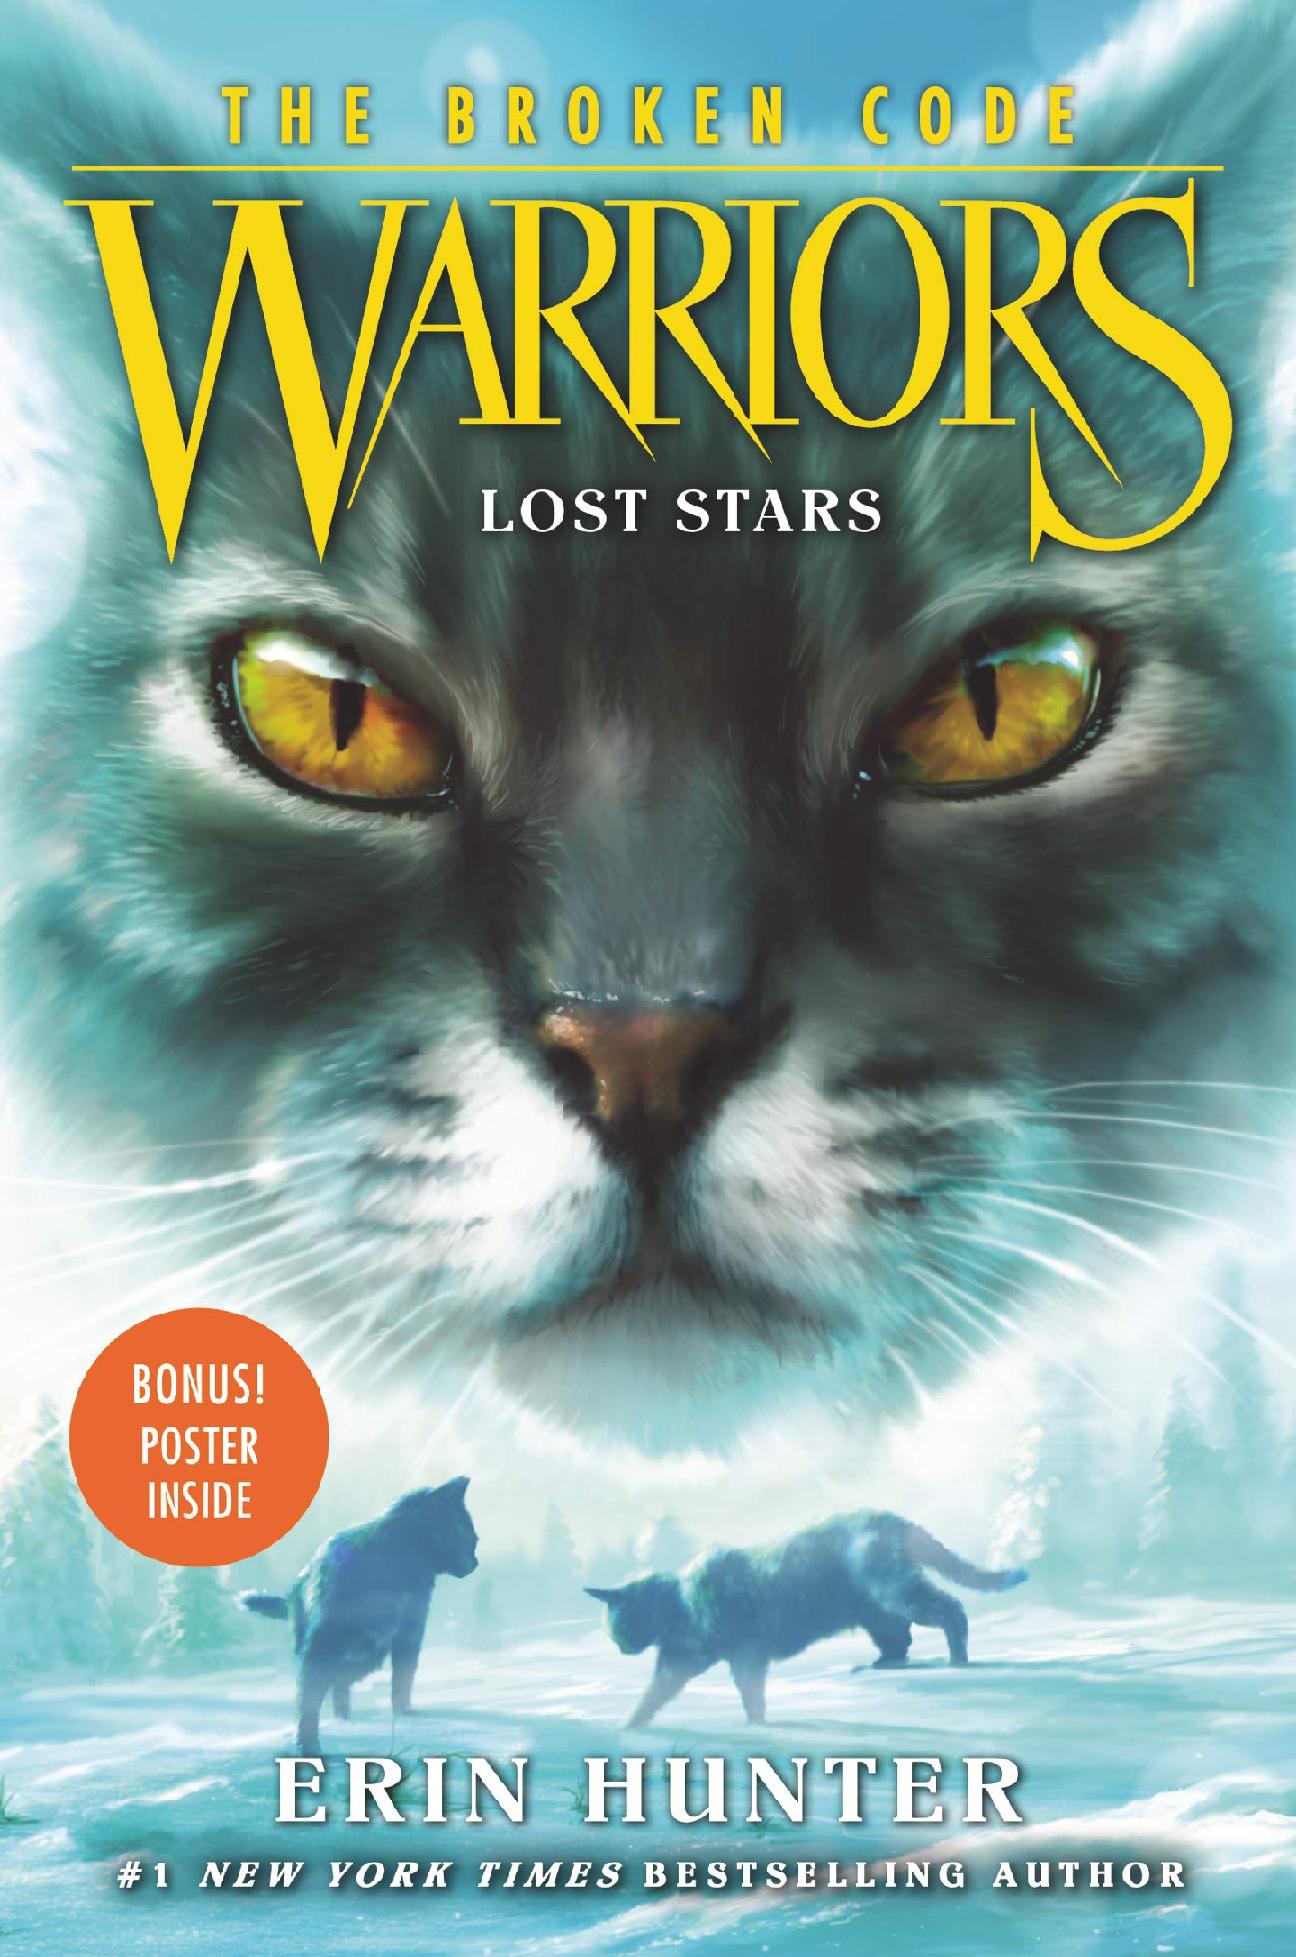 Warriors: The Broken Code (2 Book Series)